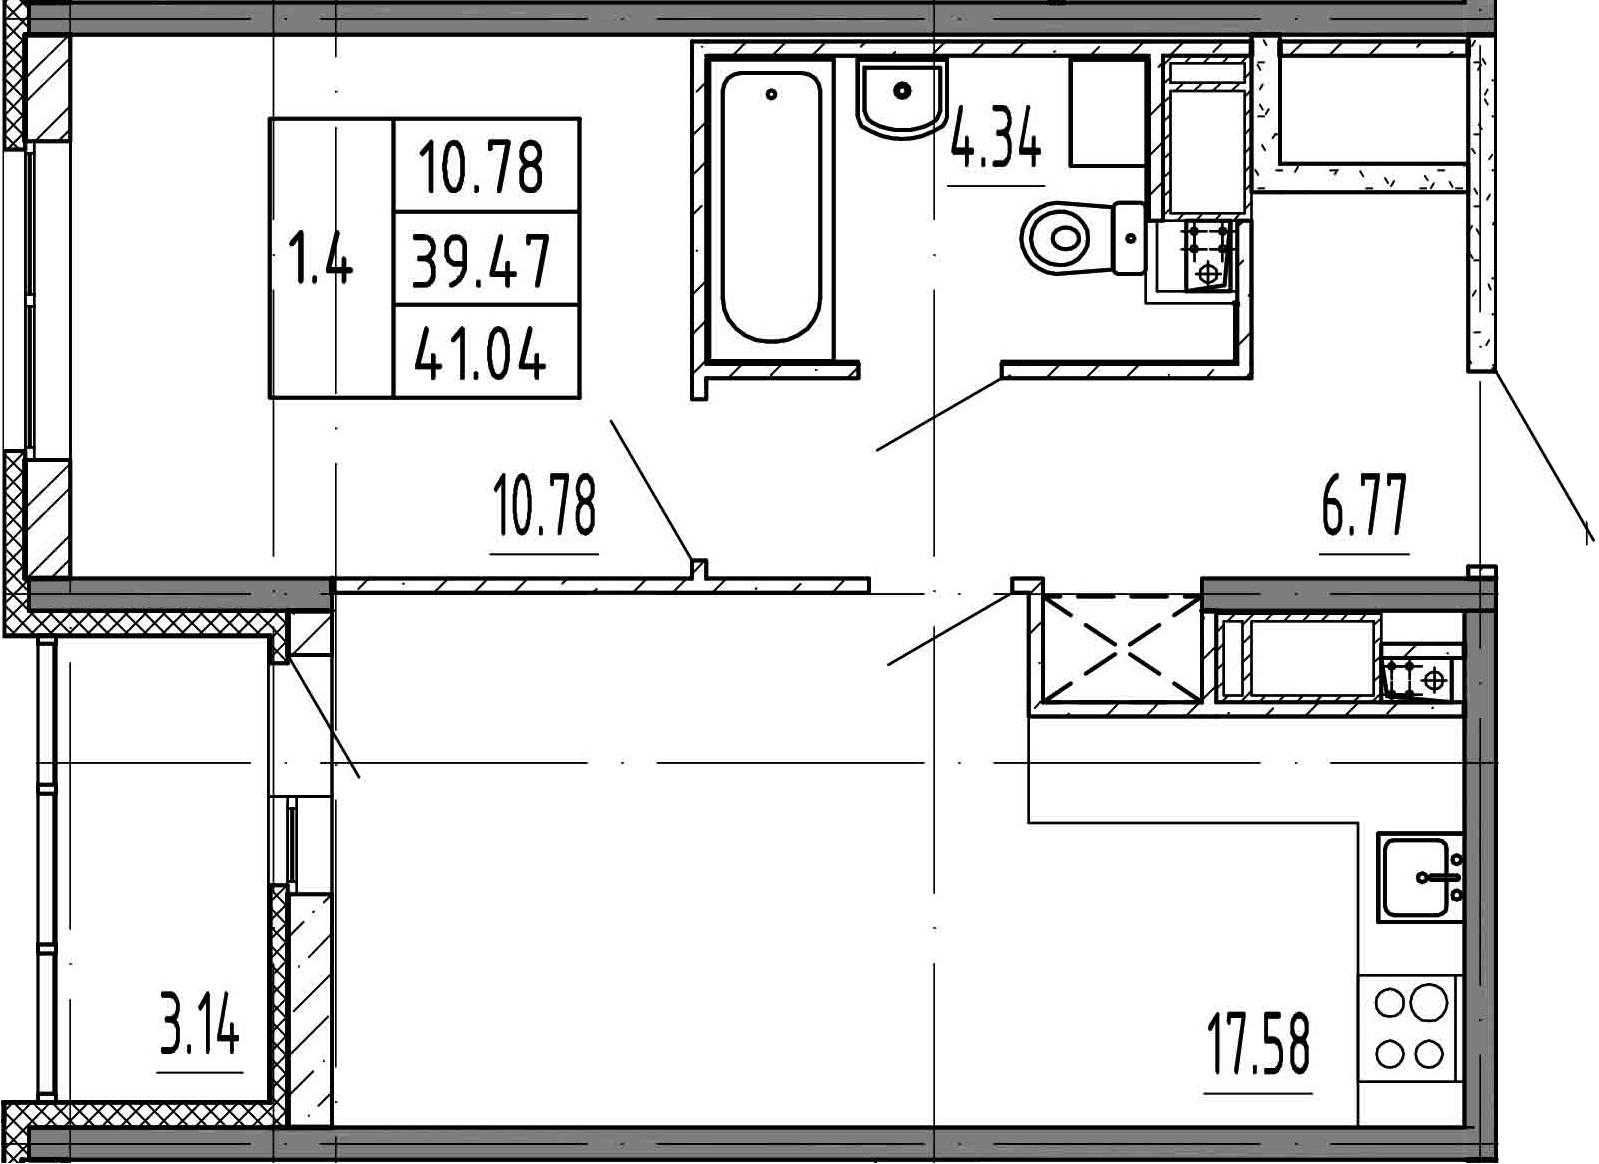 2Е-к.кв, 39.47 м², 4 этаж